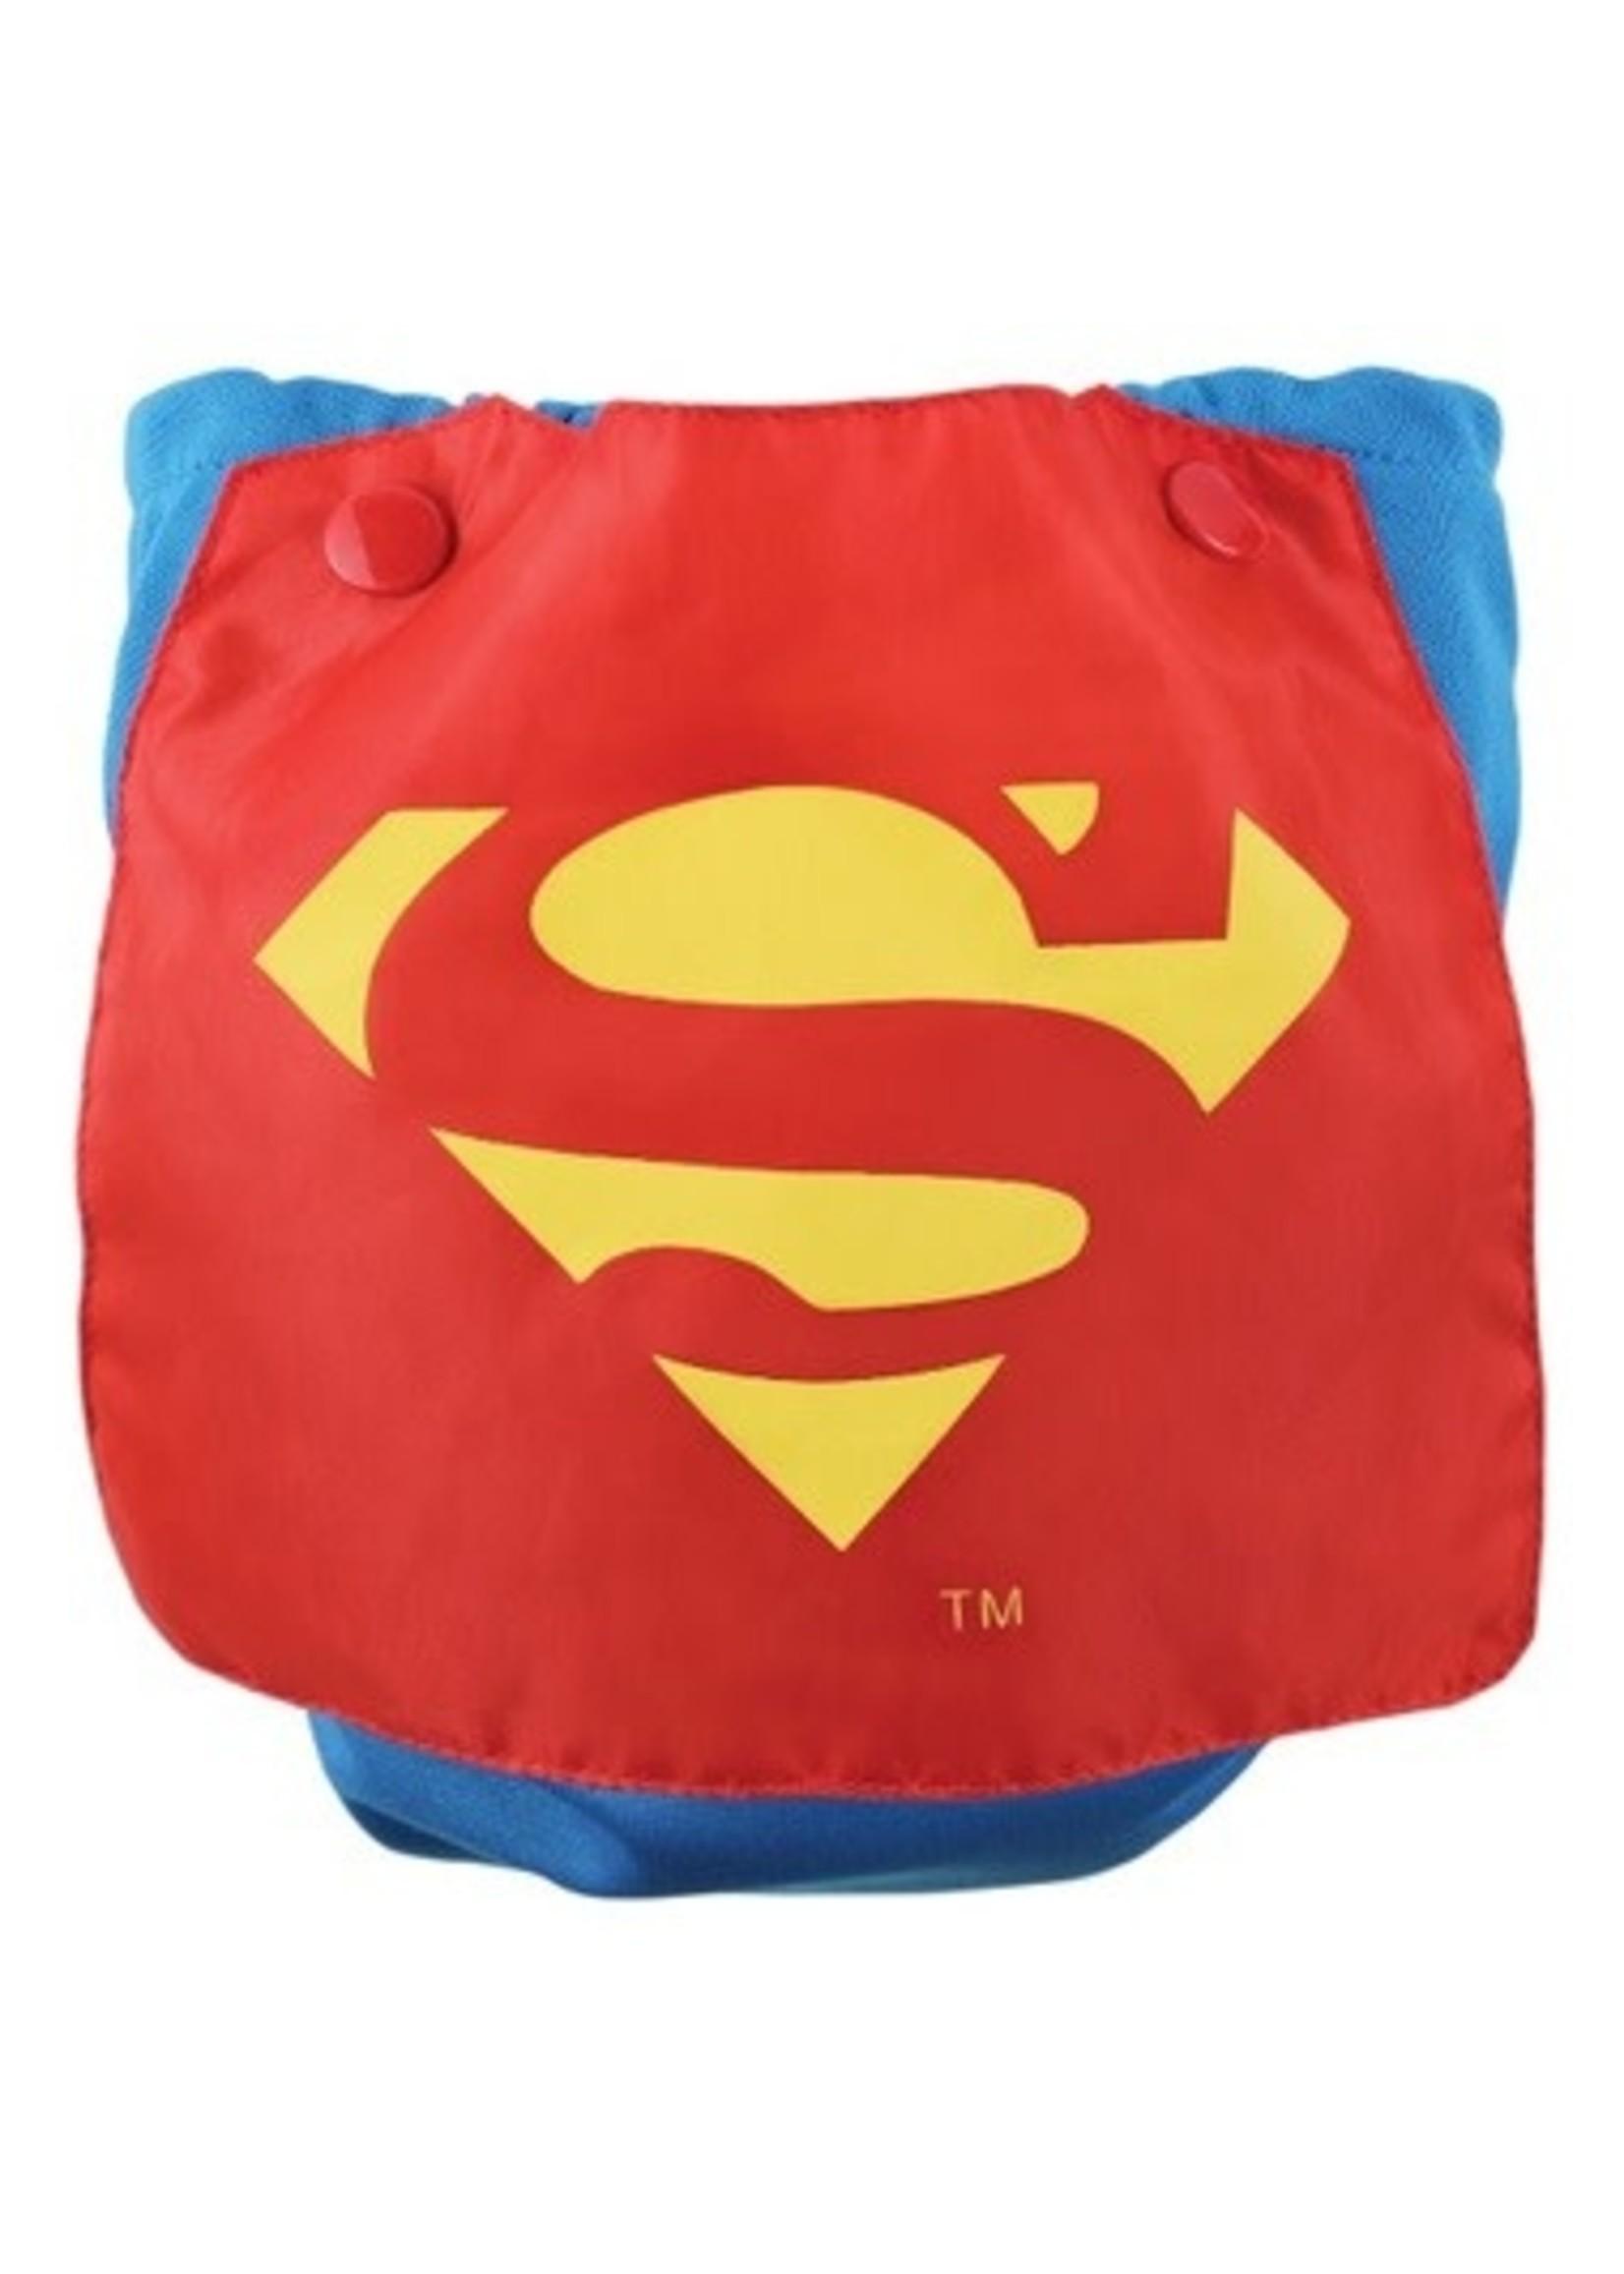 bumkins Bumkins cloth diaper